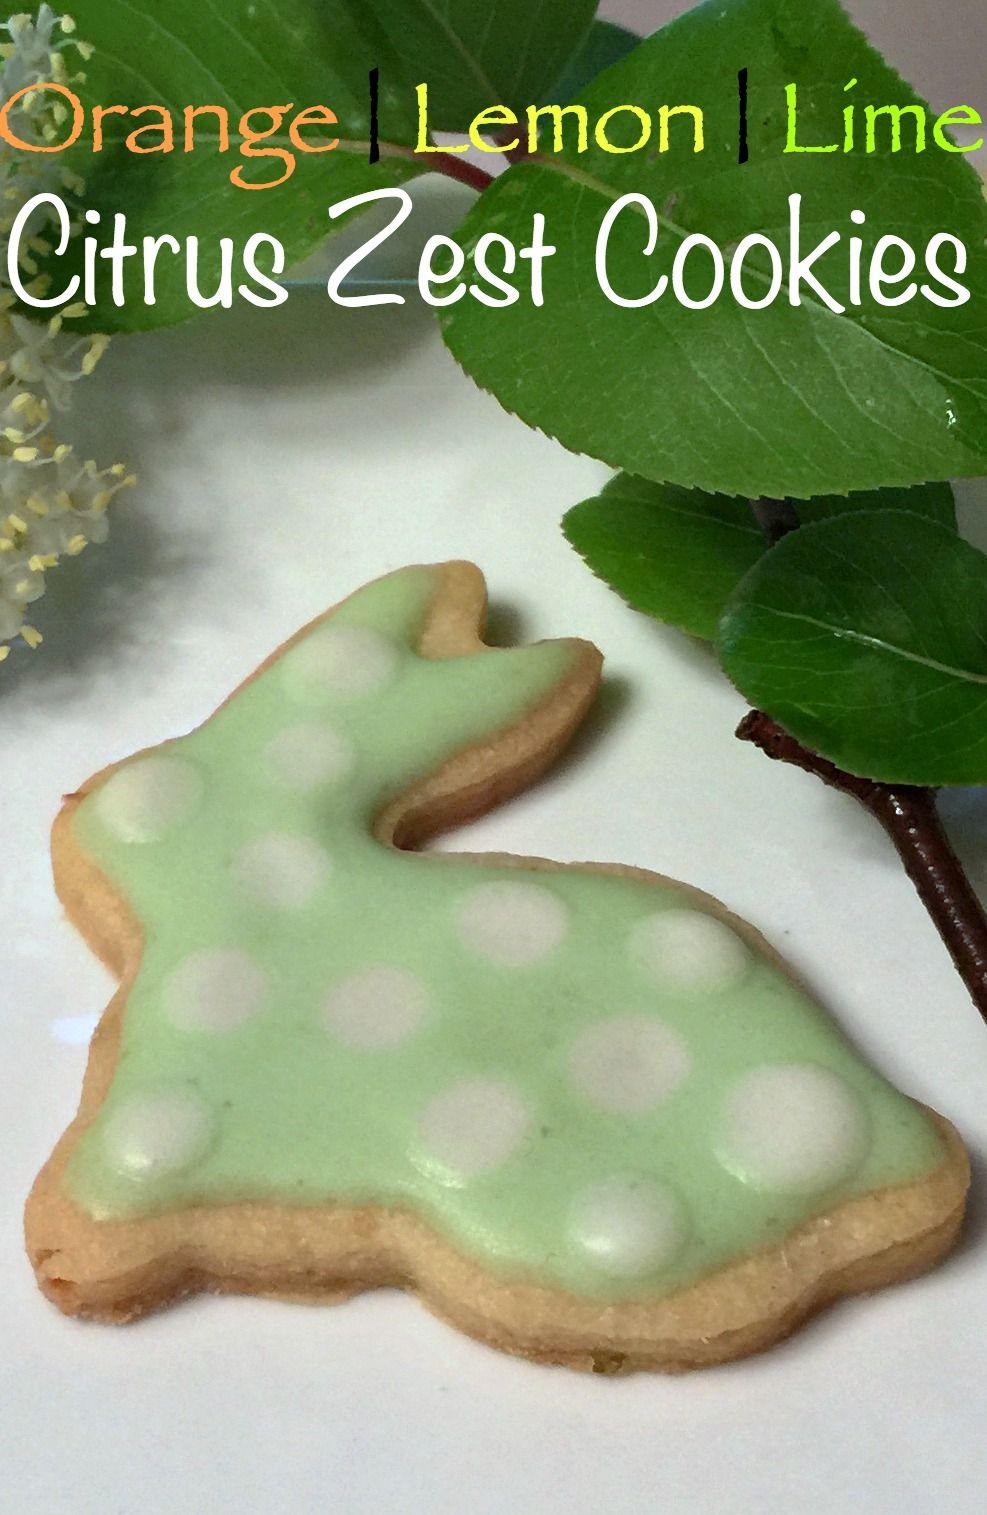 Citrus Zest Cookies - a hint of orange lemon and lime